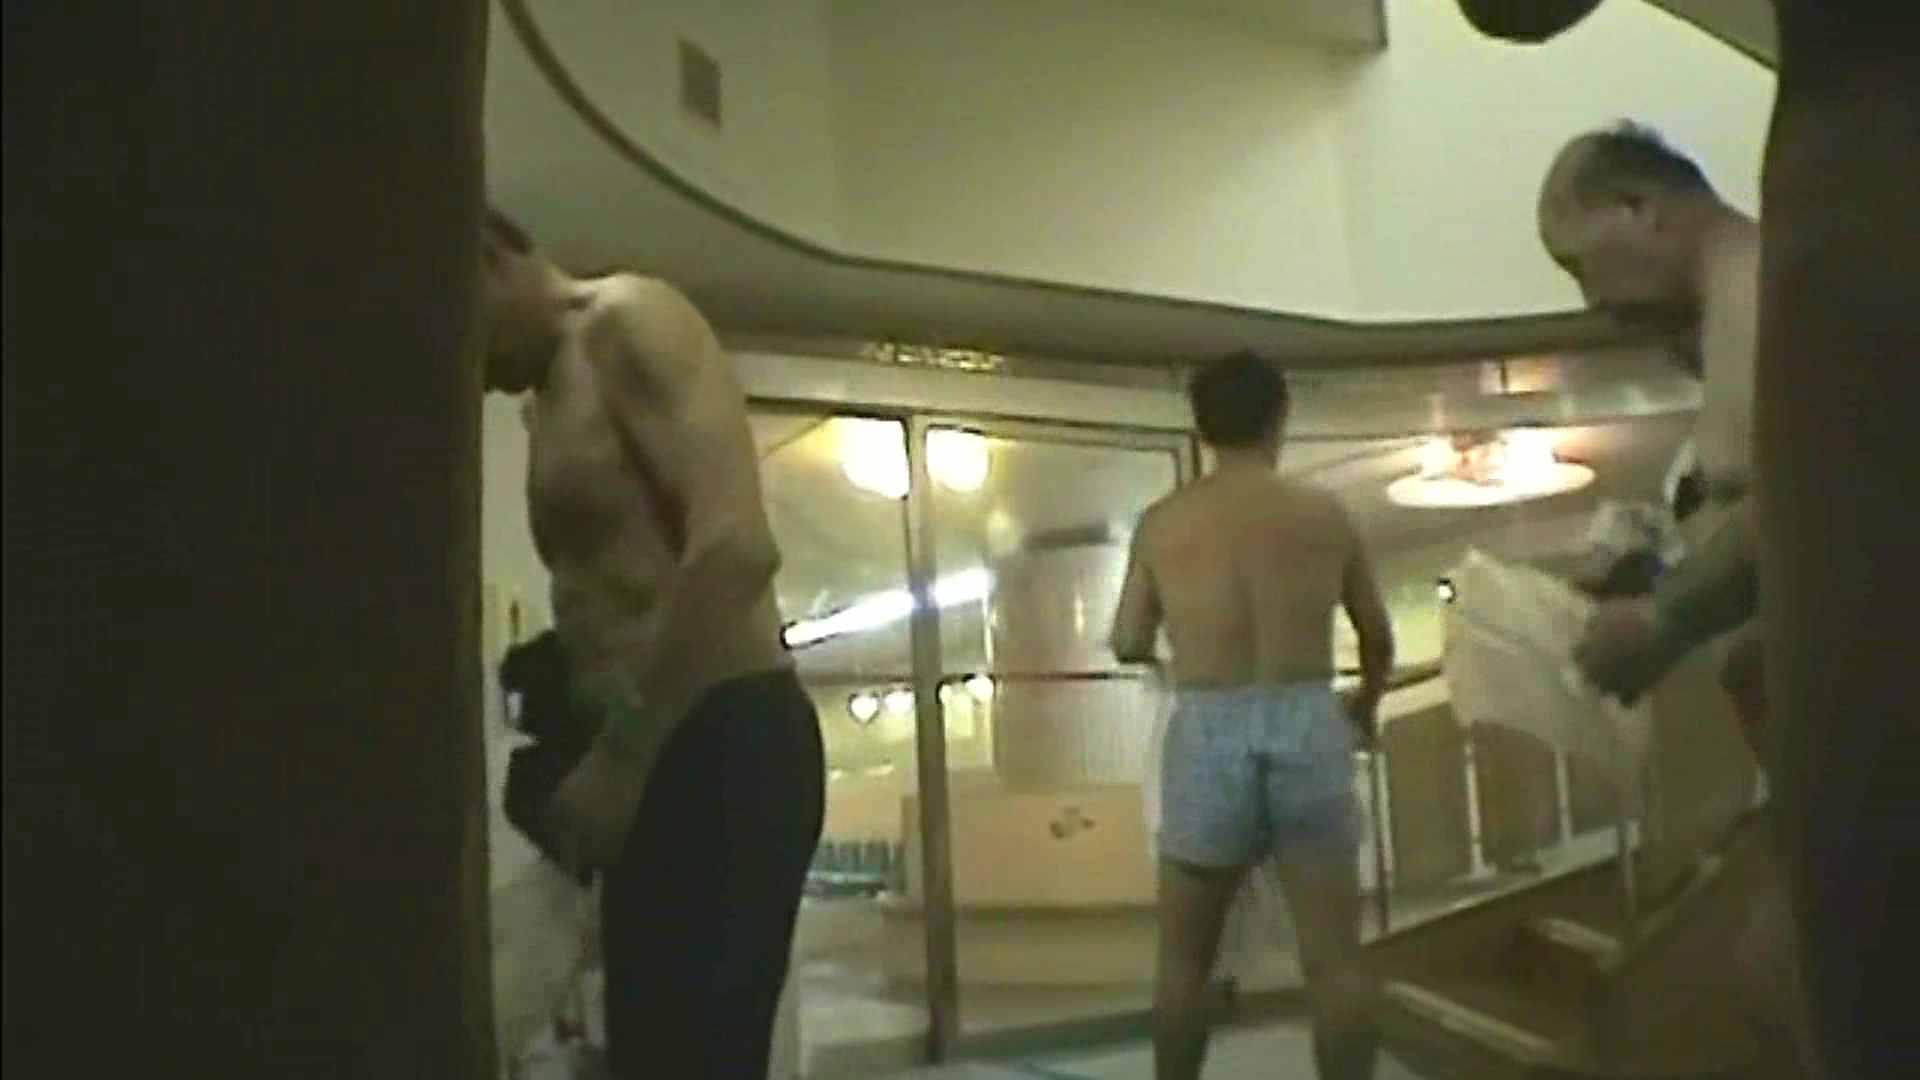 男風呂覗かせていただきます。Vol.02 サル系ボーイズ | ボーイズチンコ  93pic 51